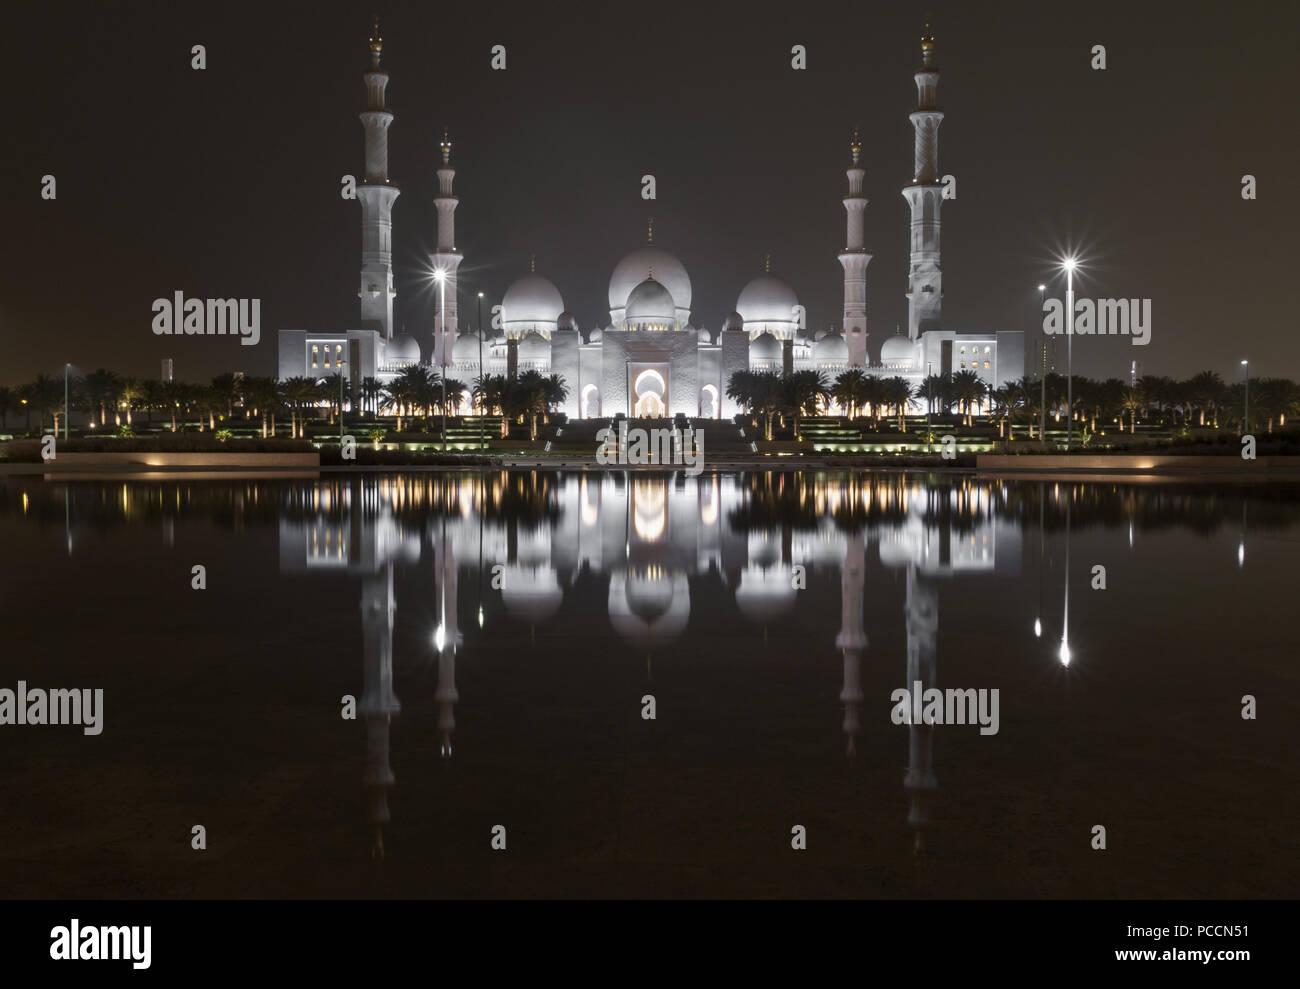 Abu Dhabi - La Mosquée Sheikh Zayed est le monument le plus reconnaissable à Abu Dabhi. Ici en particulier un aperçu de sa magnifique architecture Photo Stock